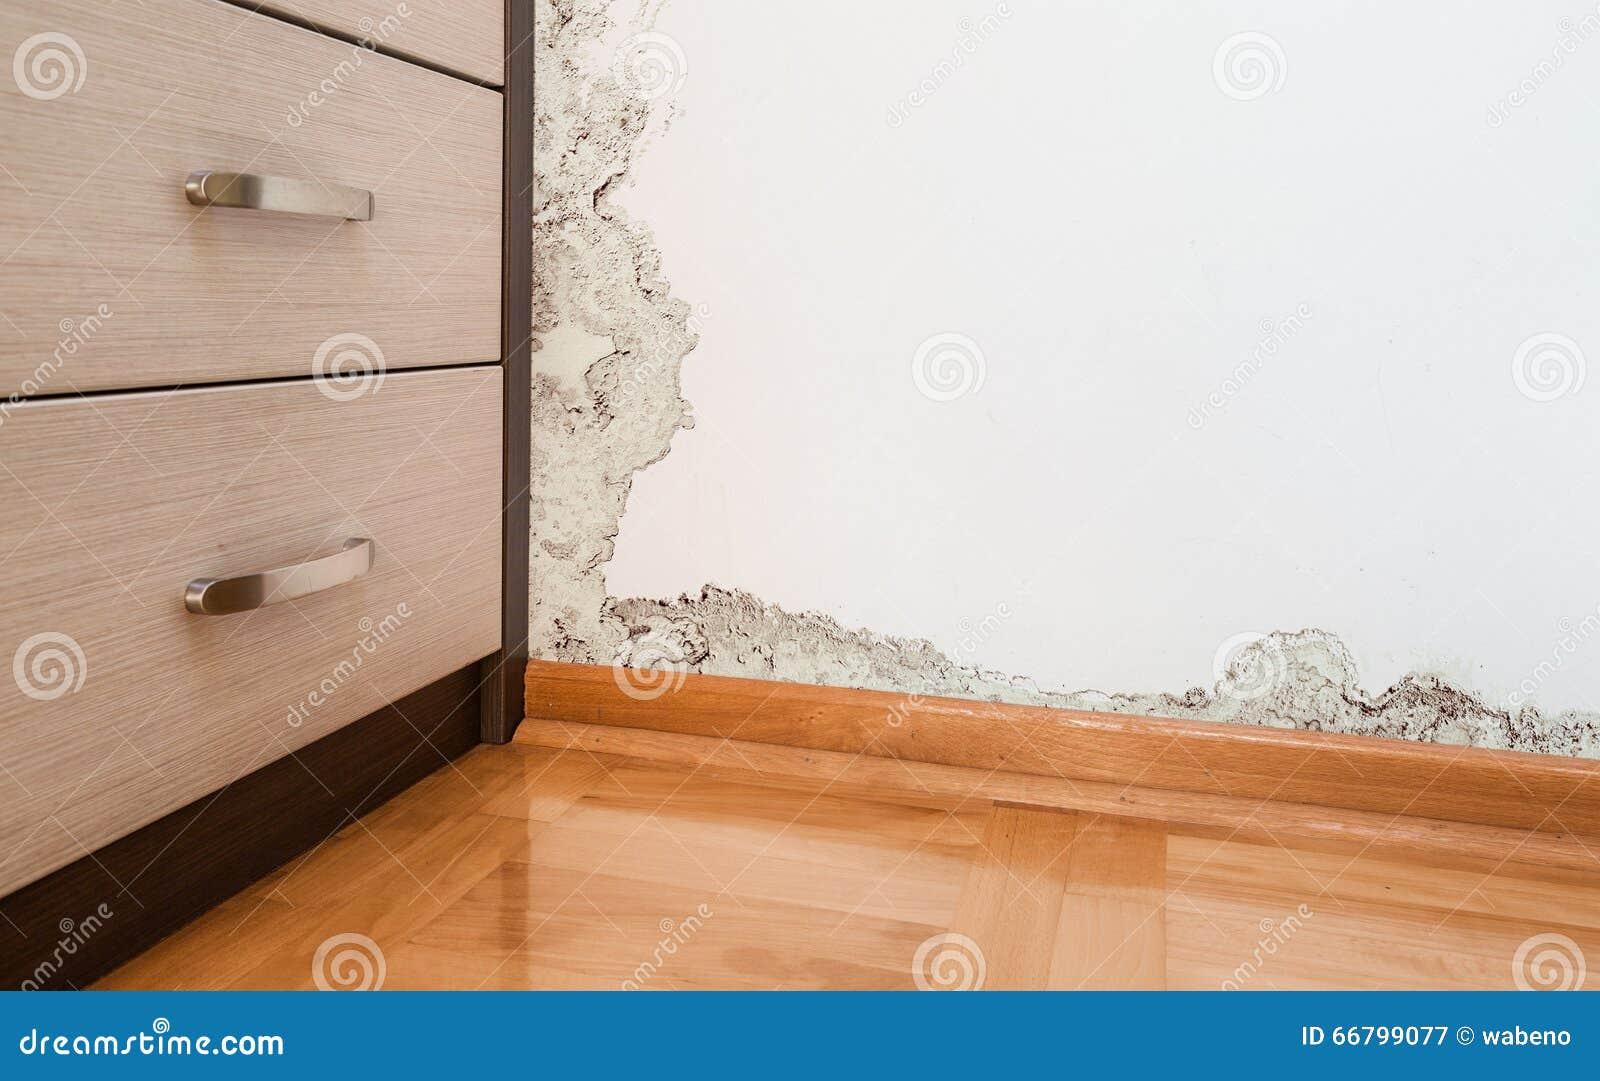 Schaden verursacht durch Feuchtigkeit auf einer Wand im modernen Haus